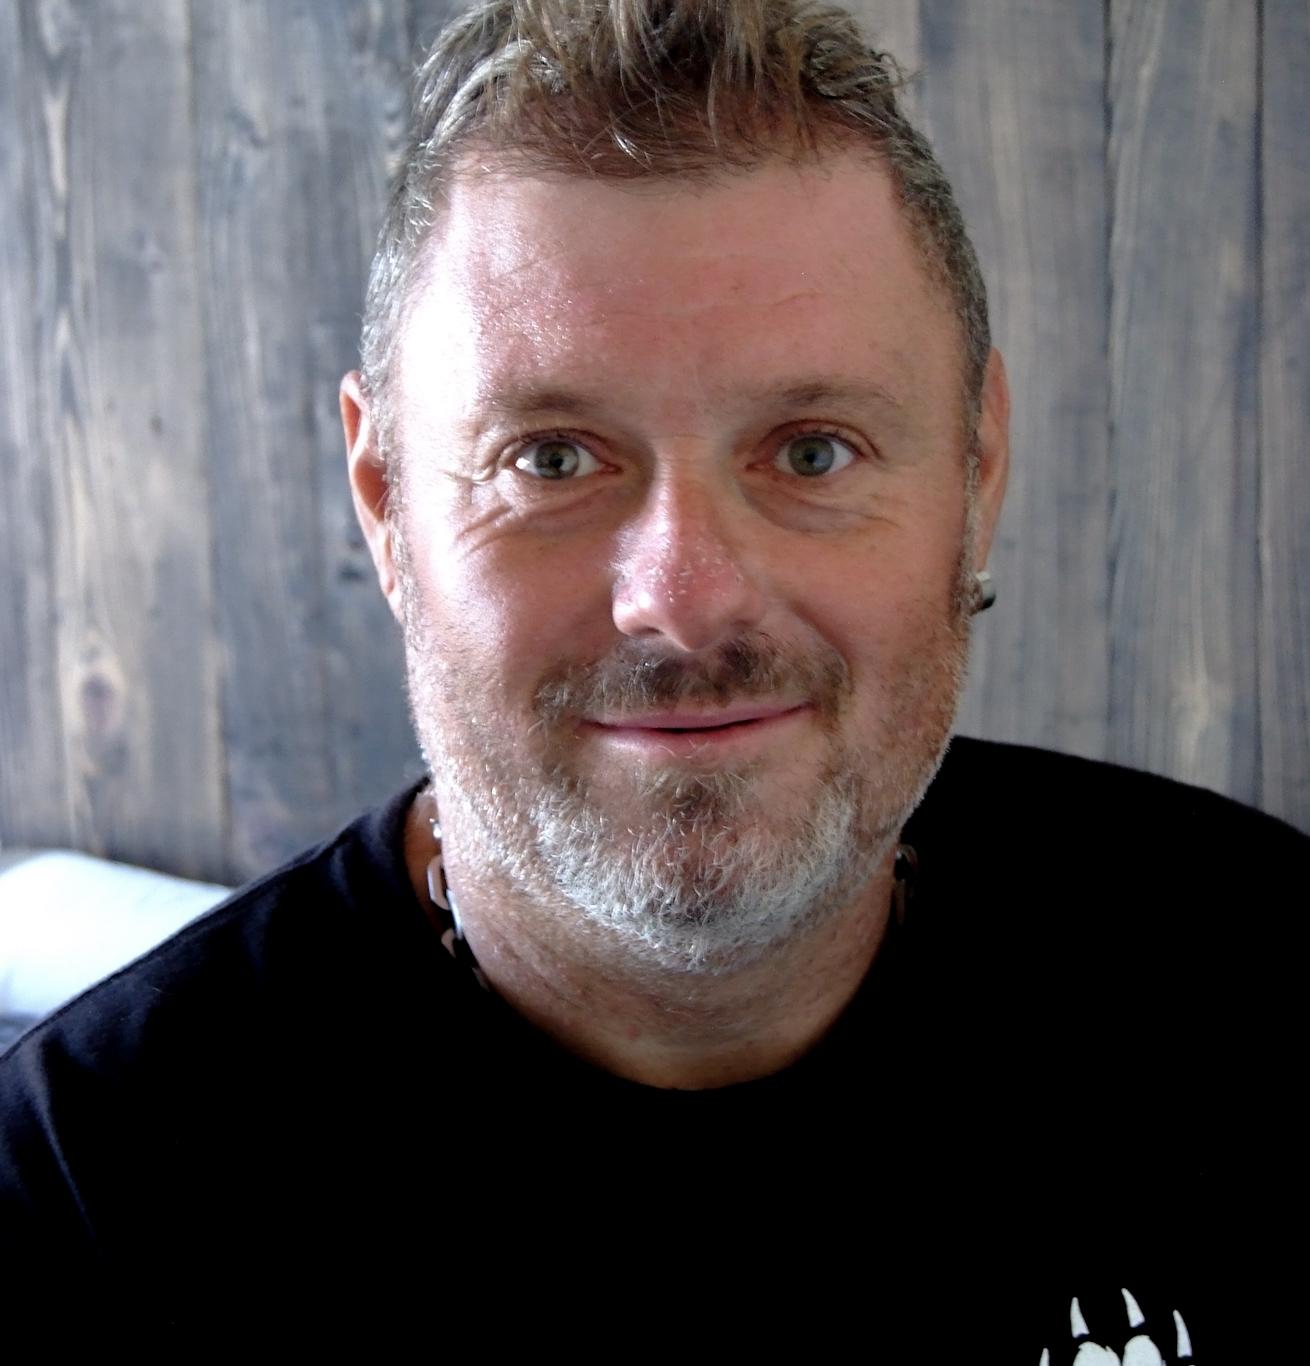 Stéphane Rock